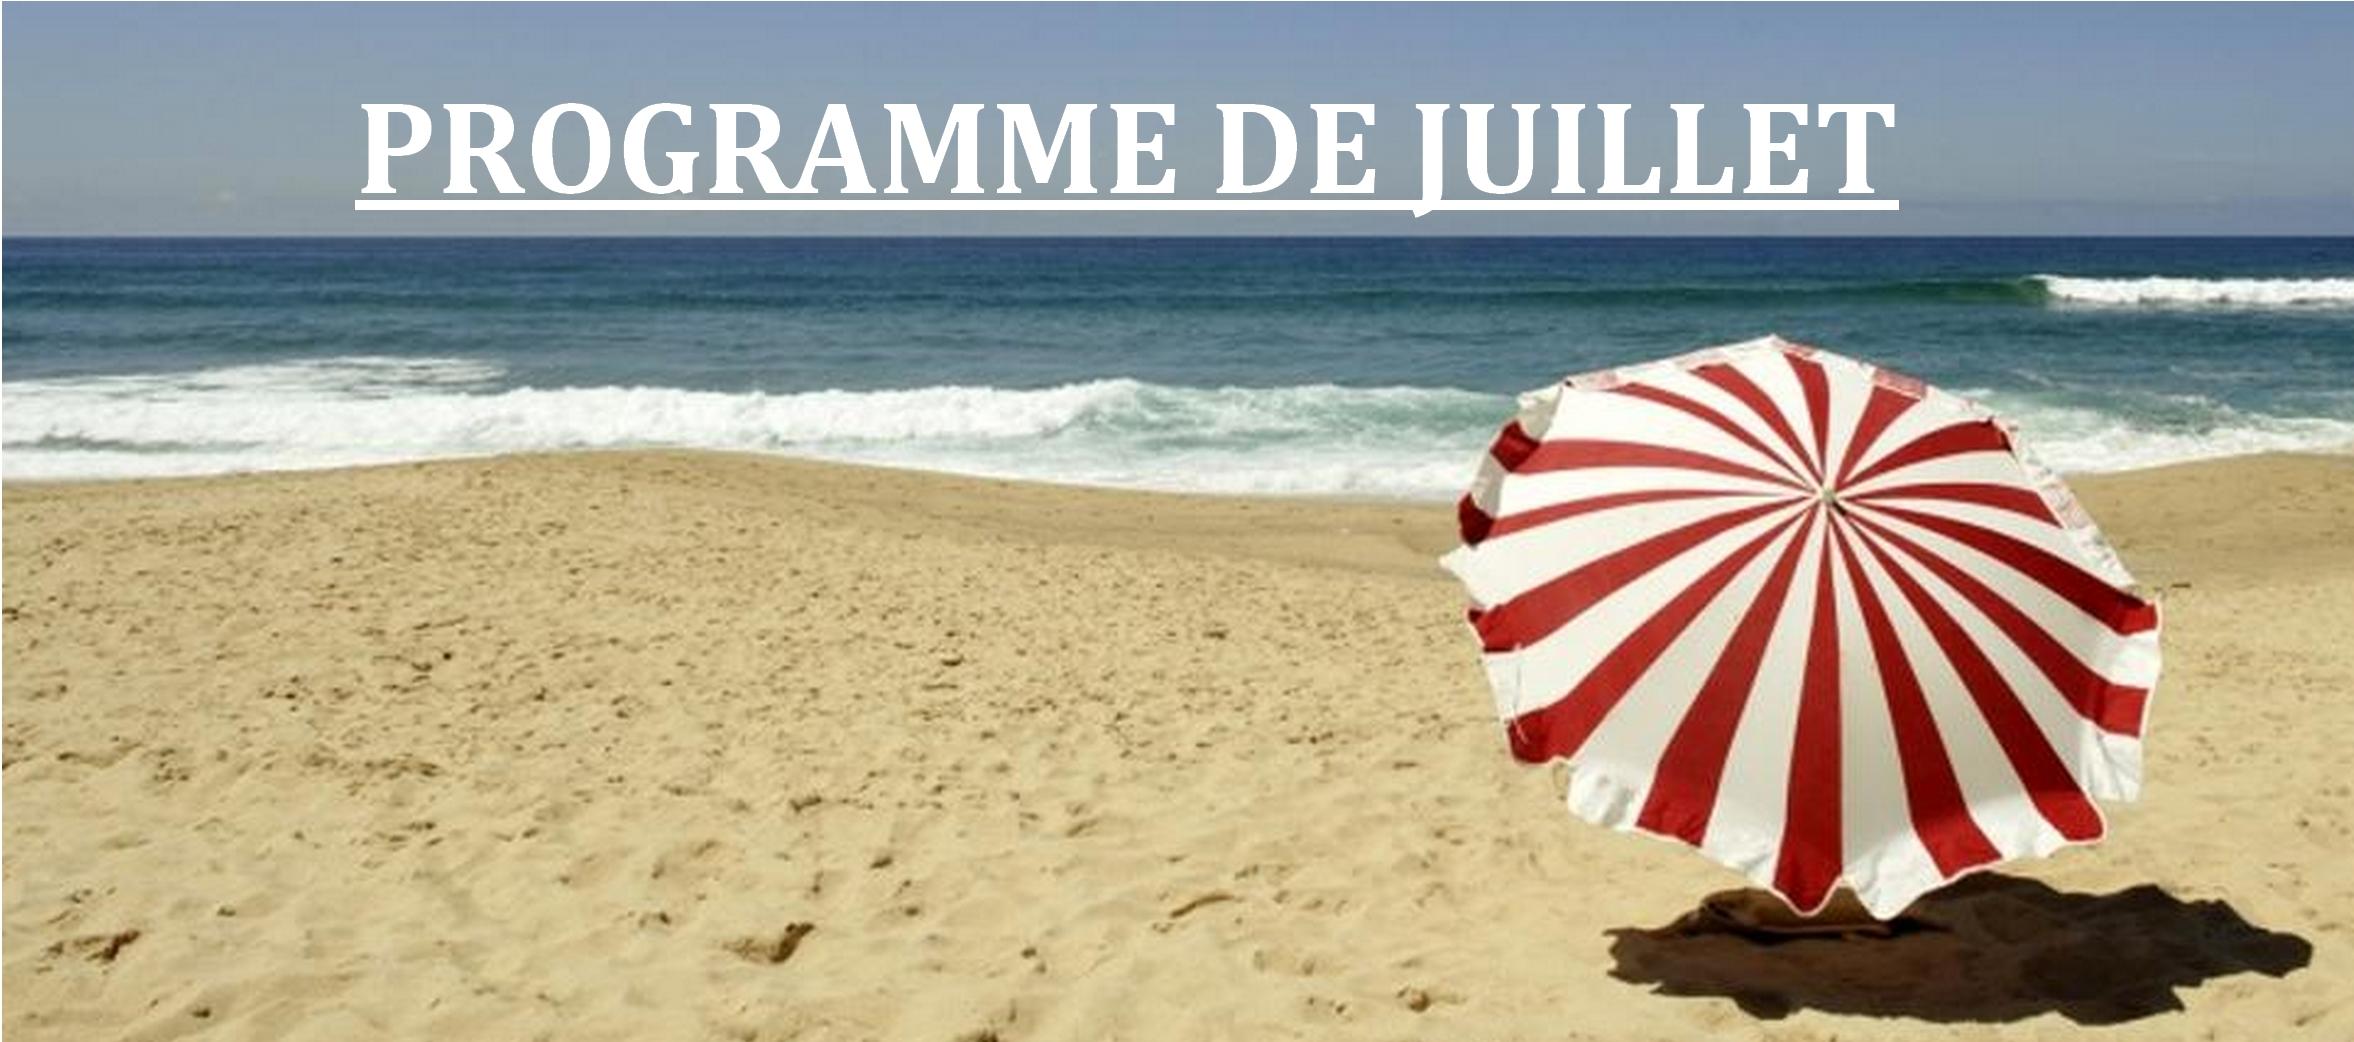 Programme+juillet